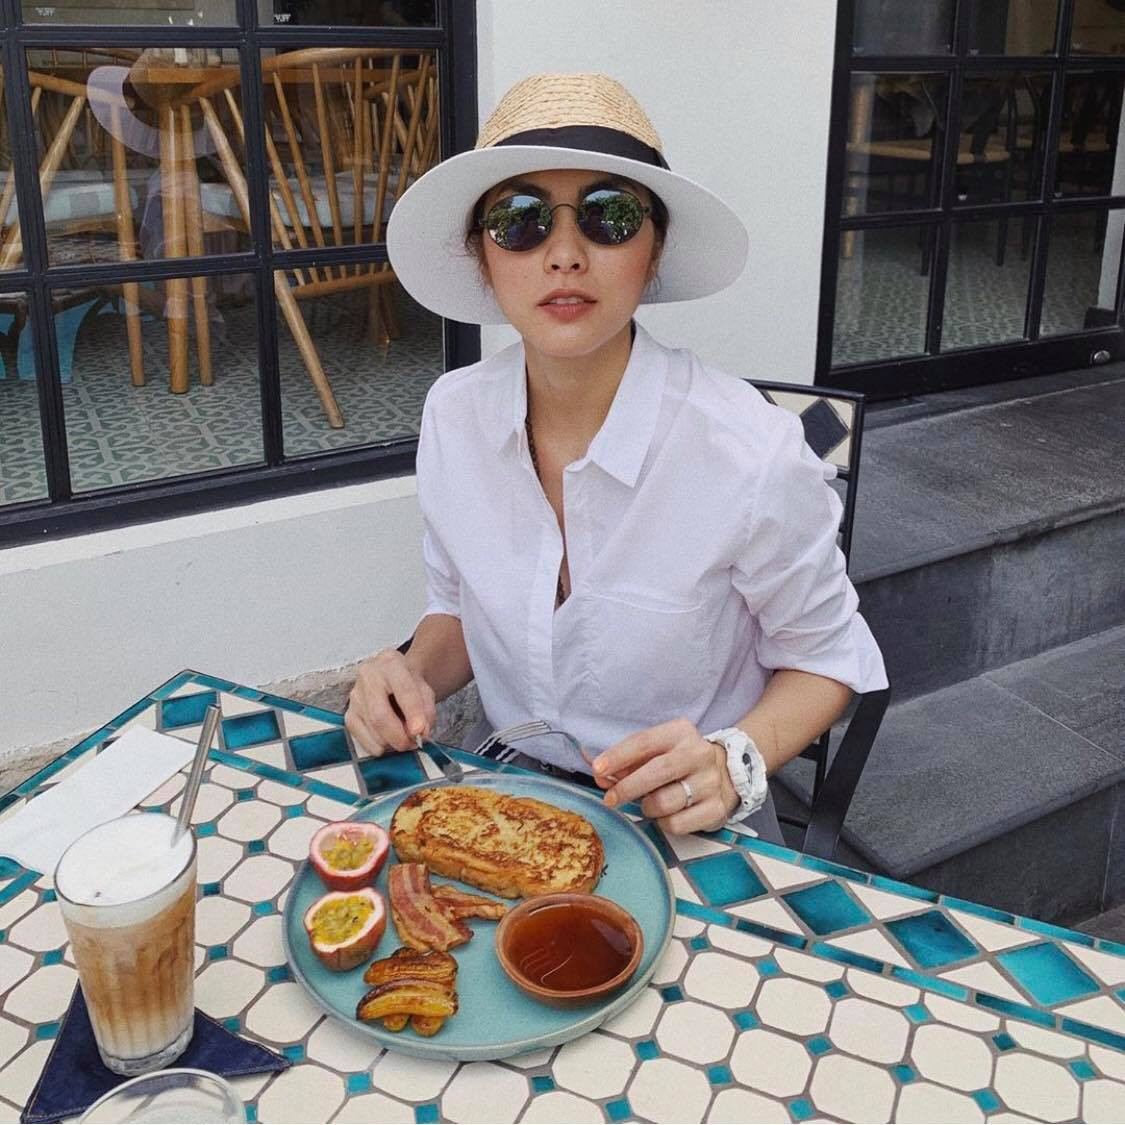 Loạt ảnh hậu trường đẹp xuất sắc của Hà Tăng khiến fan nóng lòng chờ ngày nàng ngọc nữ tái xuất điện ảnh - Ảnh 4.